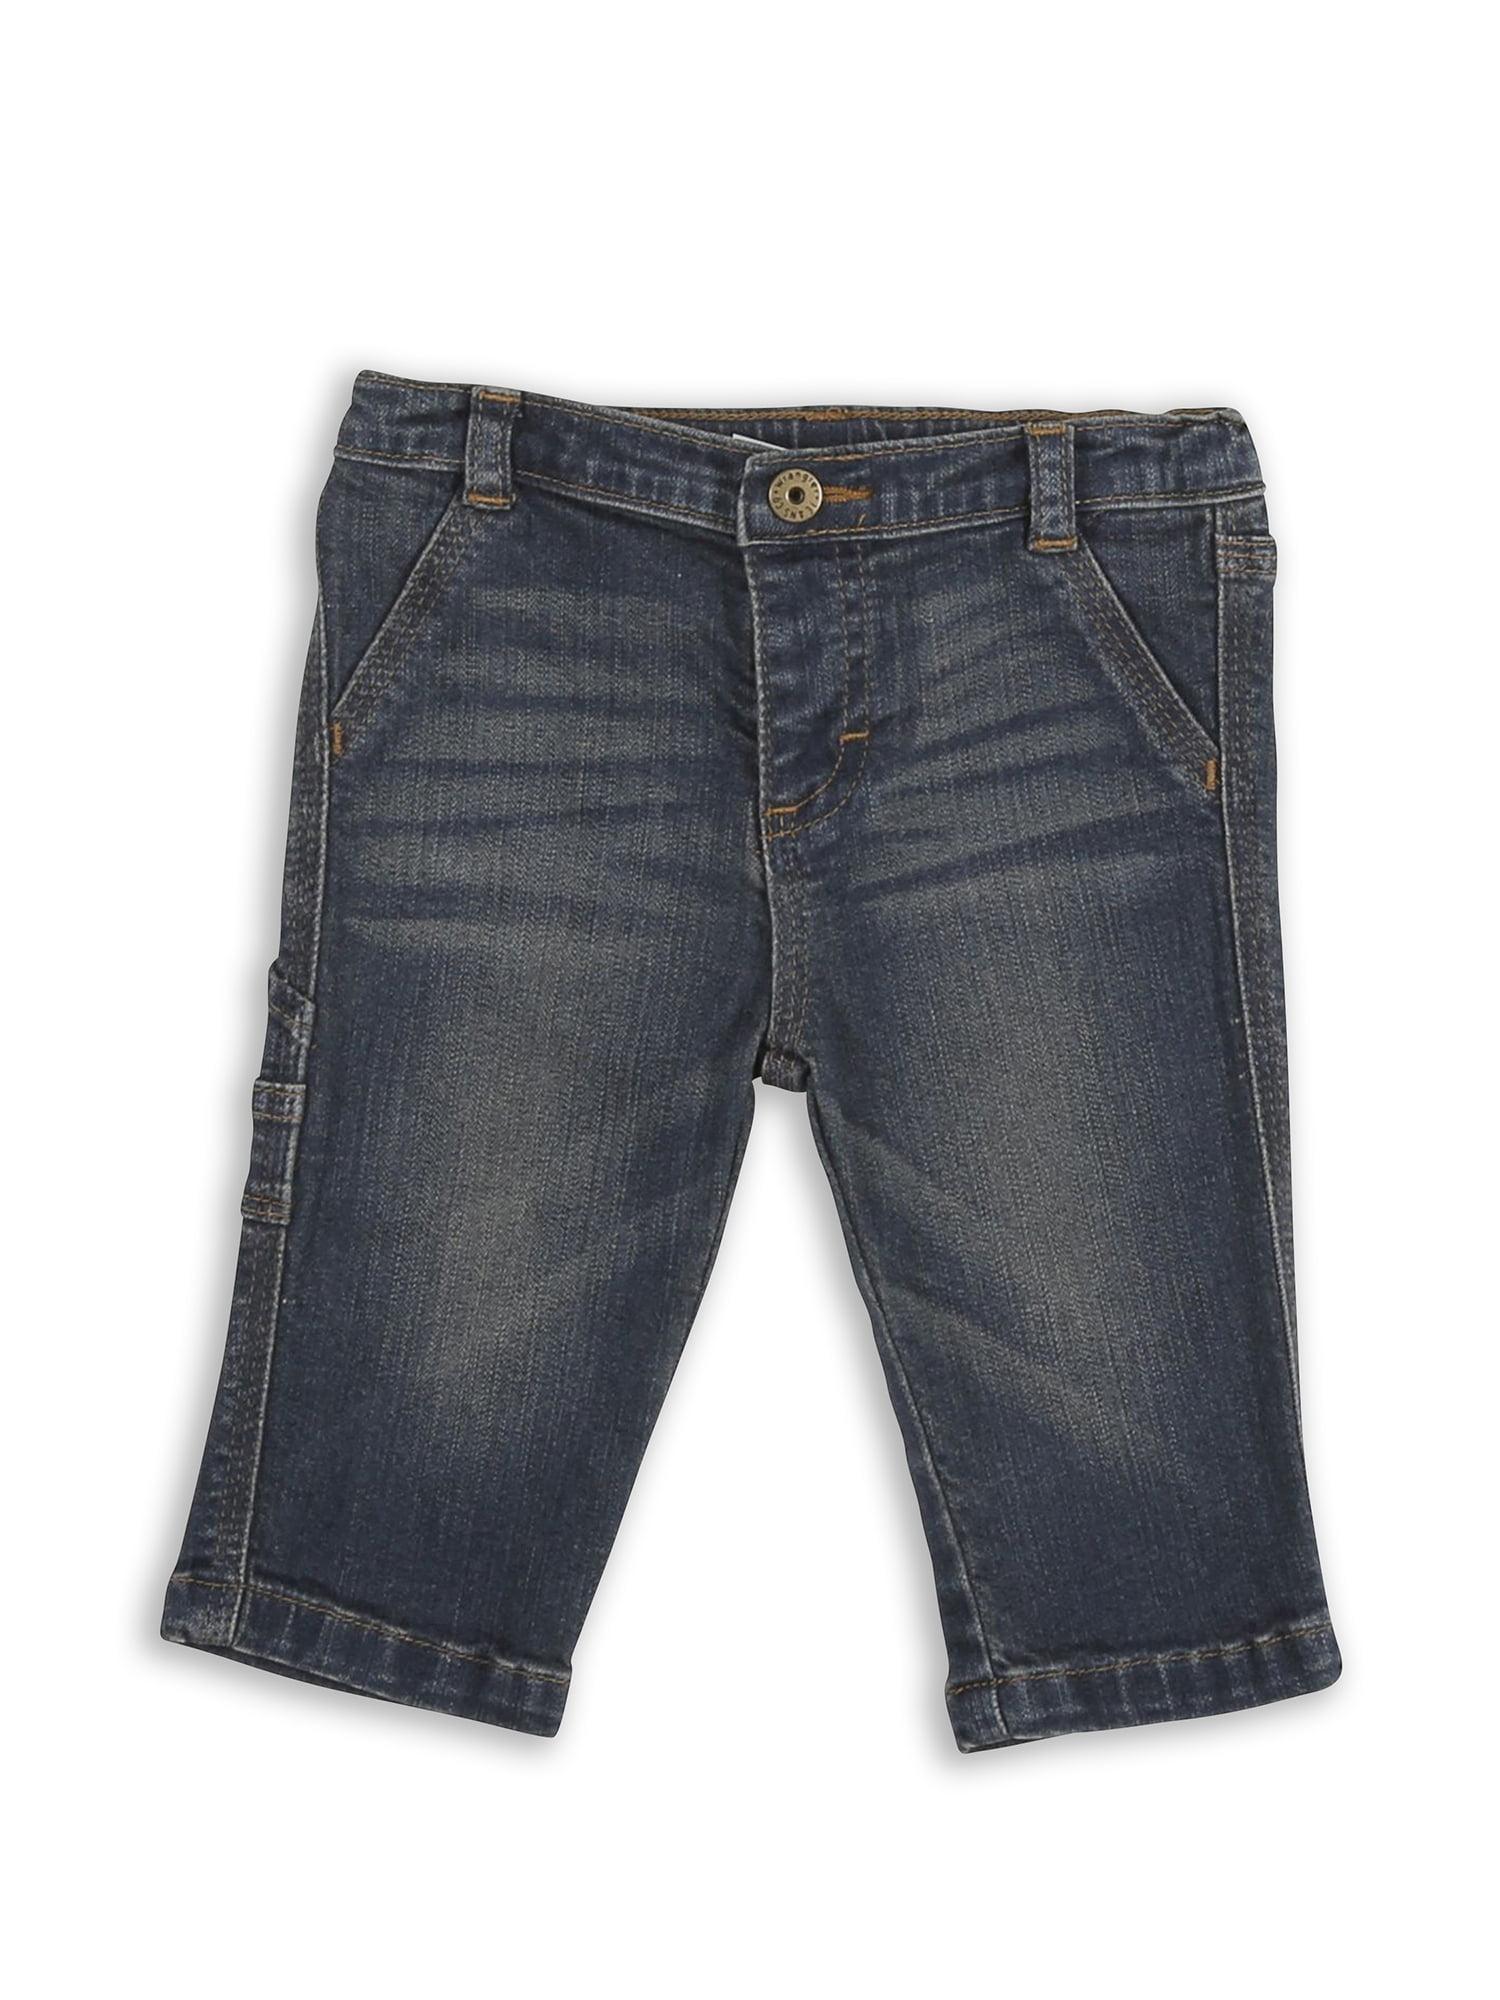 5bda8287 Wrangler Toddler Boy Jeans Collection - Walmart.com